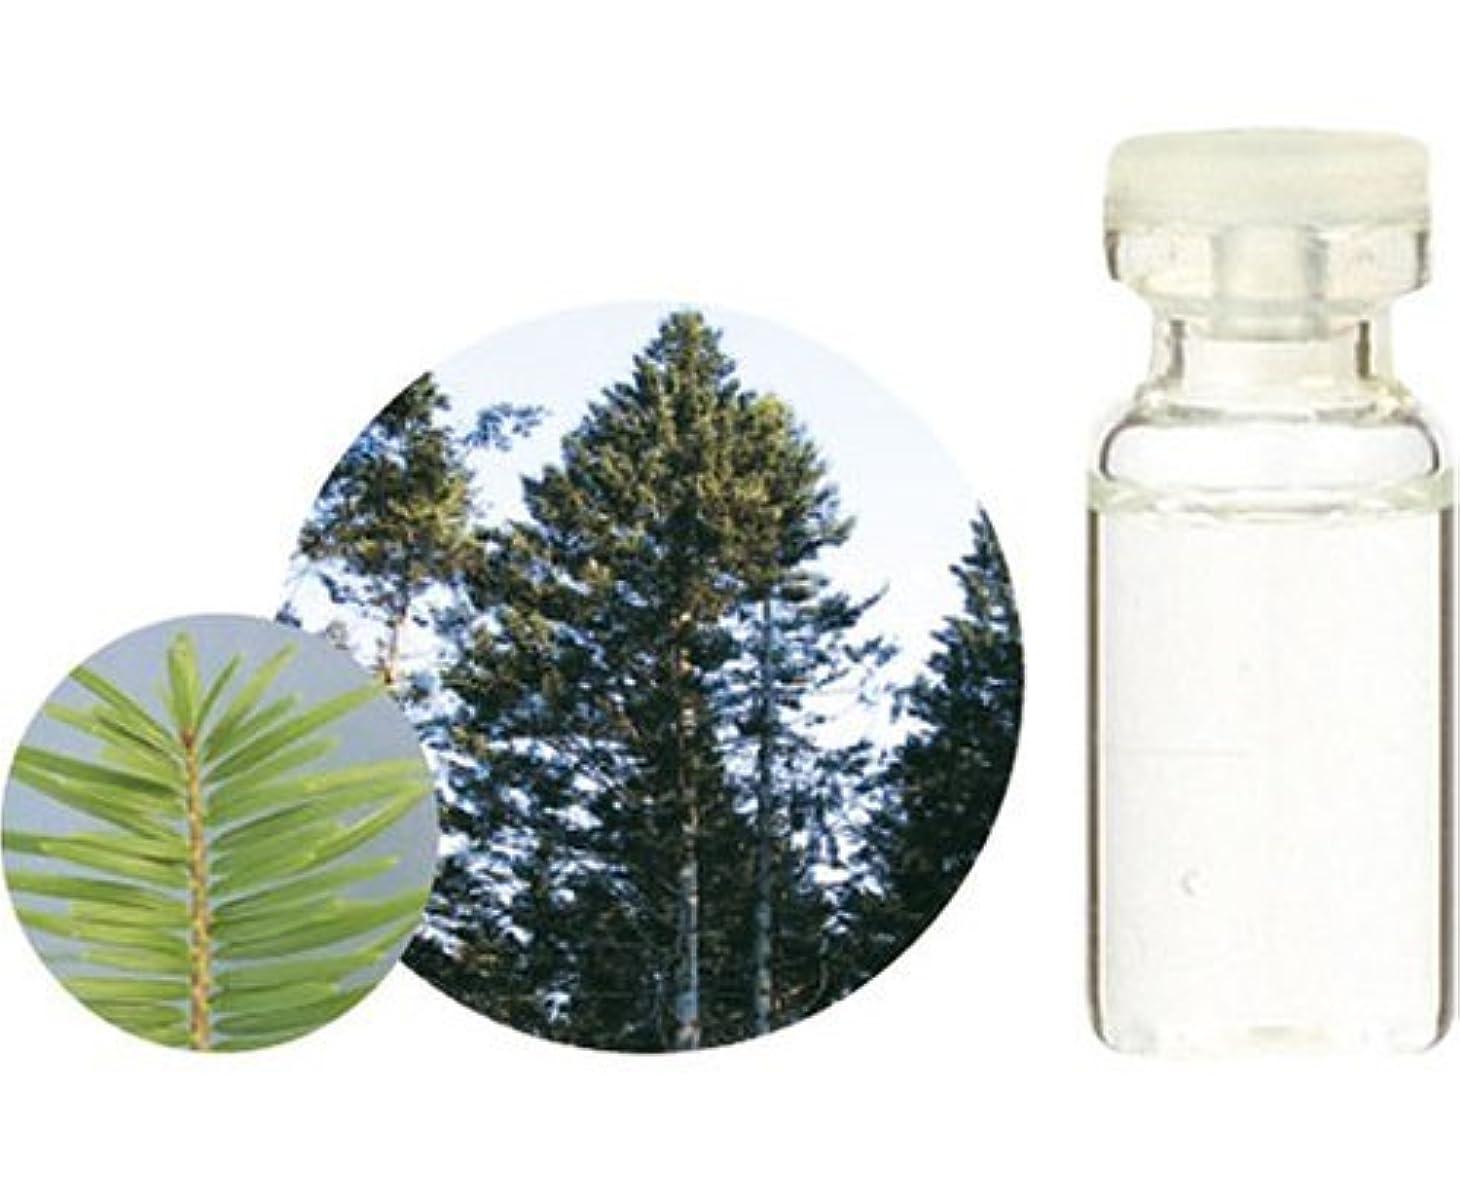 懇願するリスキーなわずかに生活の木 C 和精油 モミ エッセンシャルオイル 10ml